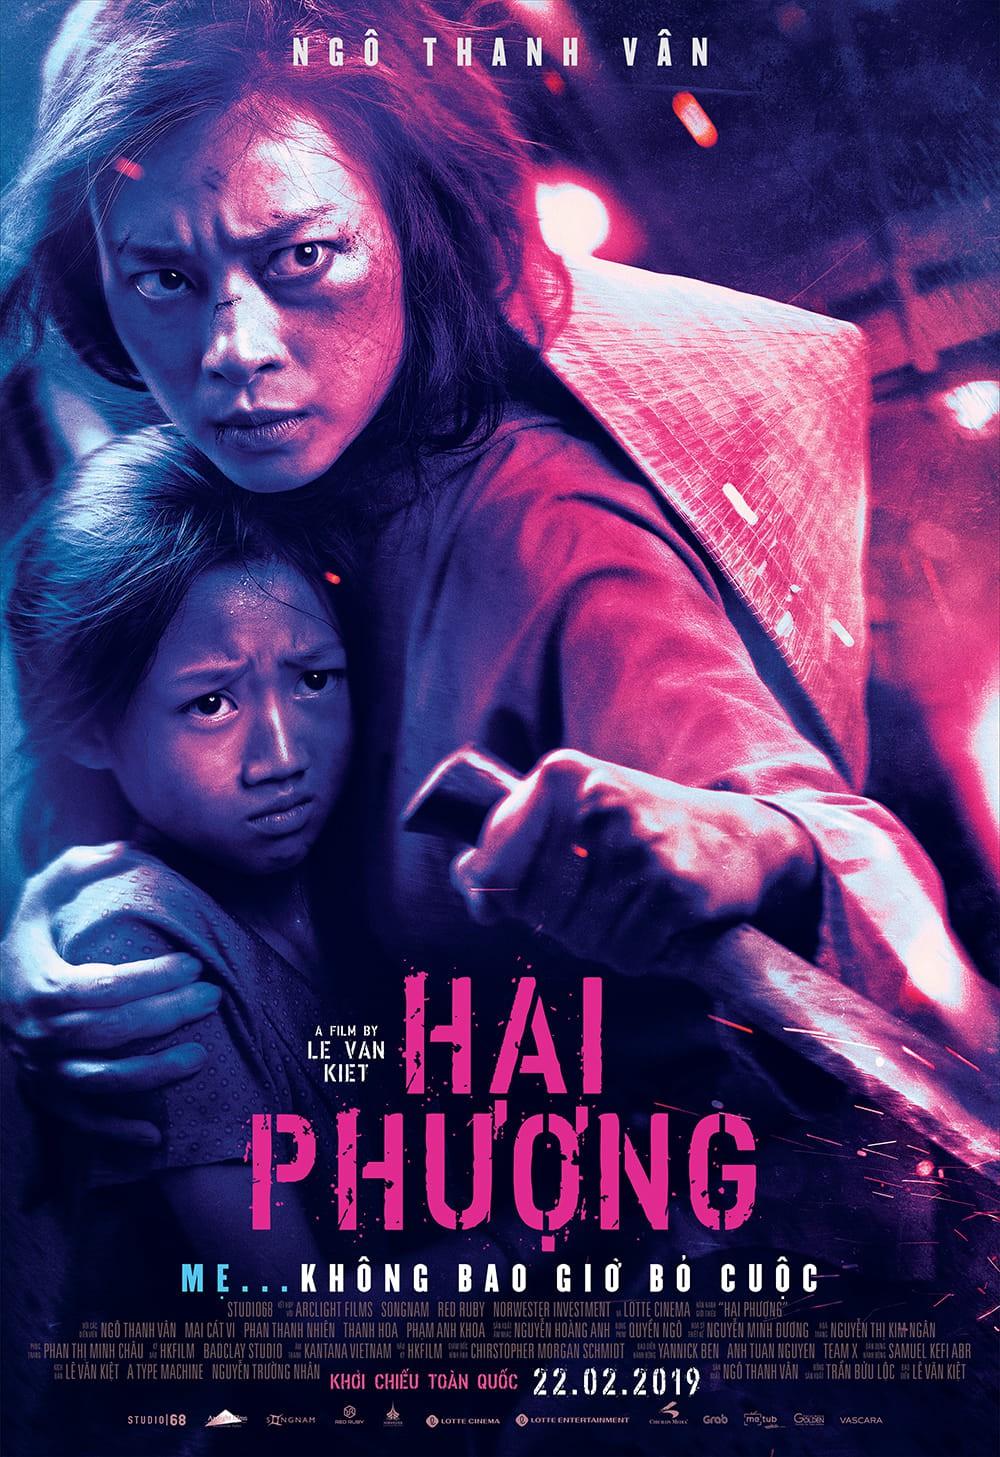 Kết quả hình ảnh cho poster 2019